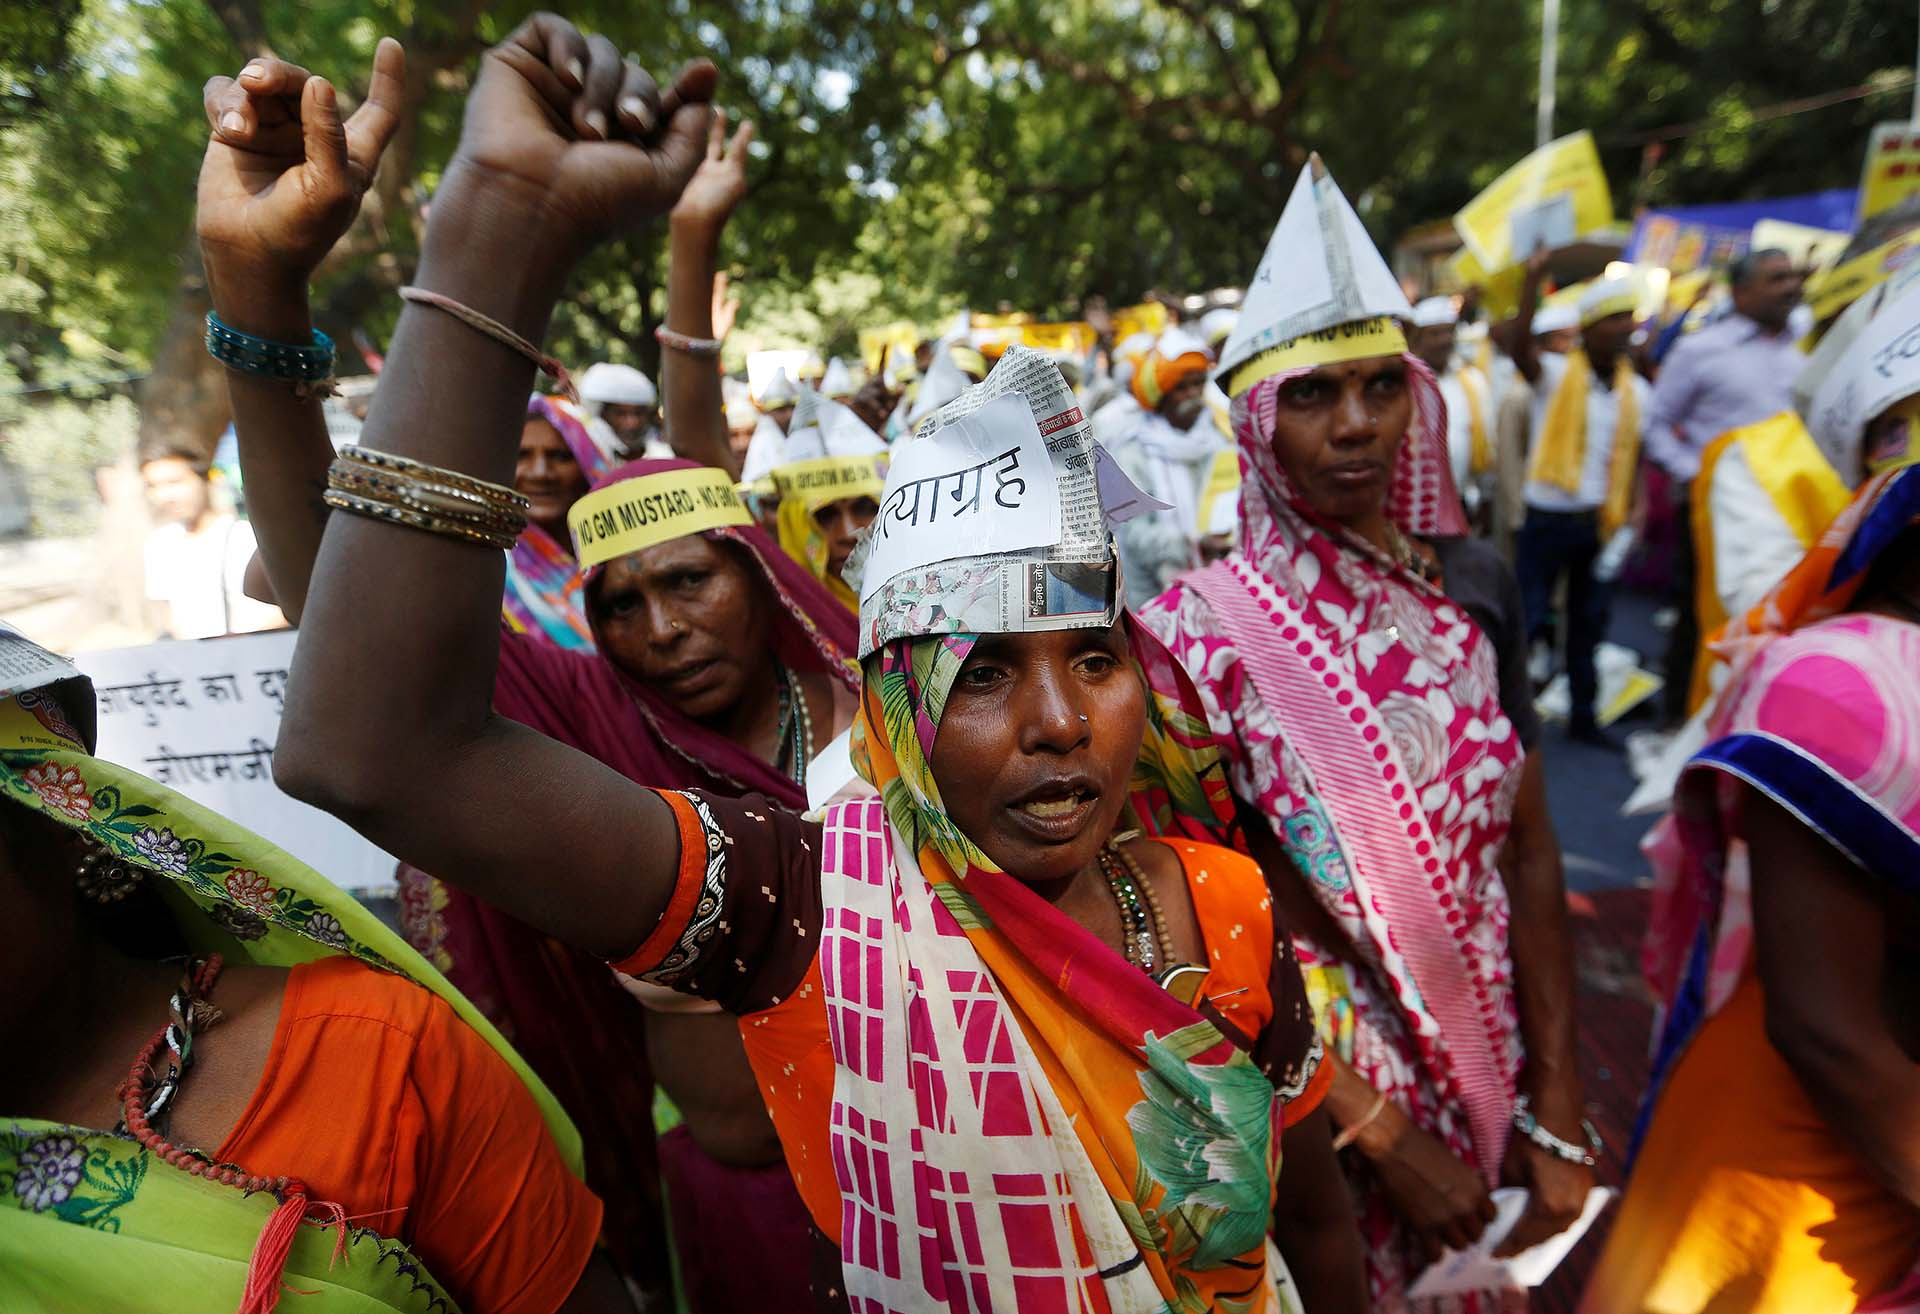 Agricultores durante una protesta contra el plan de la India por permitir la cosecha de mostaza genéticamente modificada, en Nueva Delhi, India